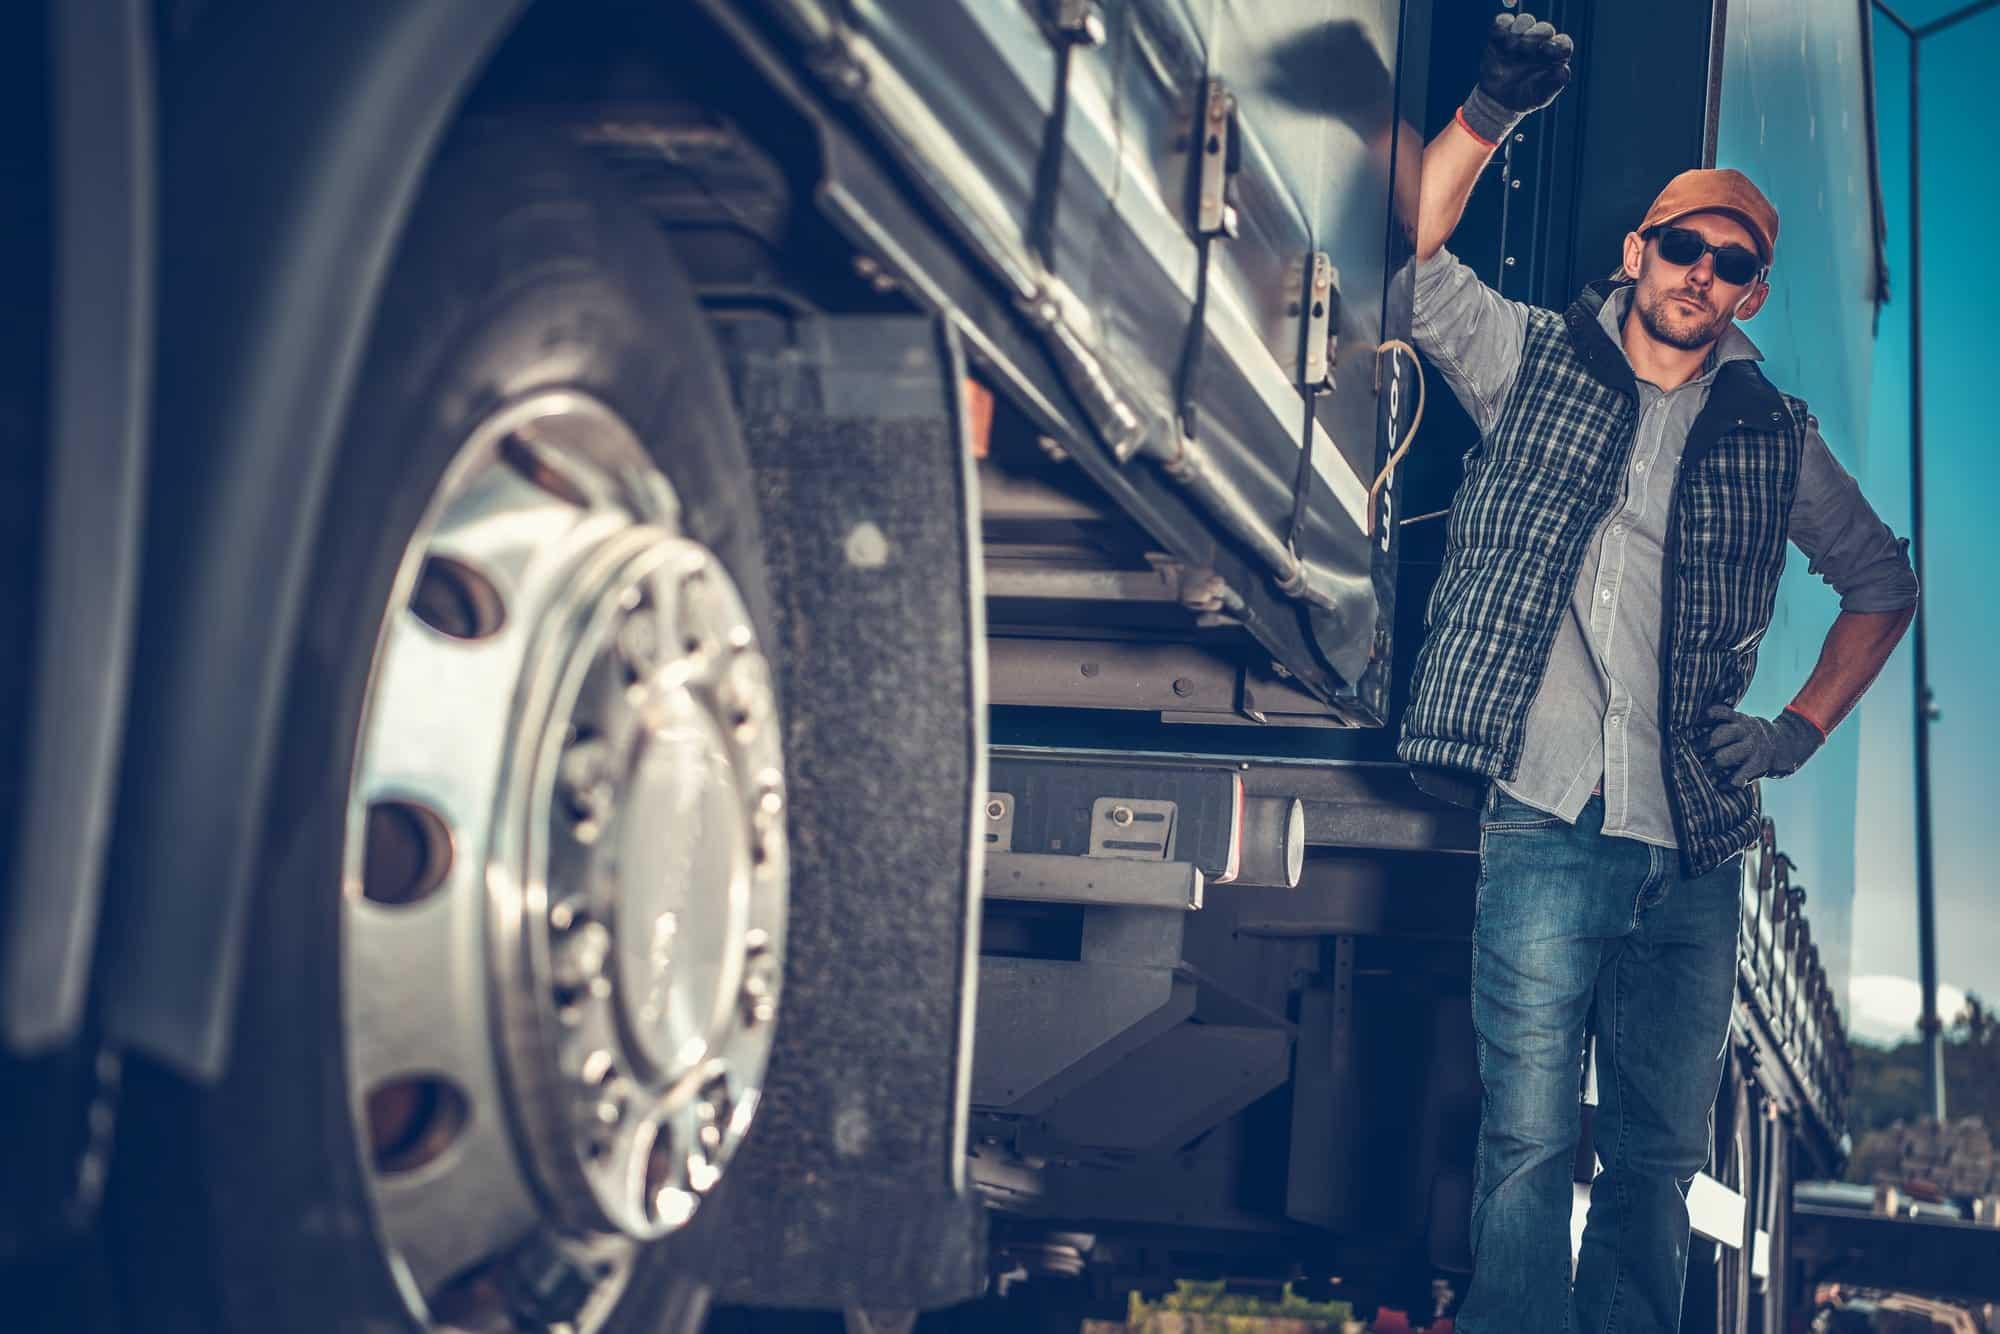 Tire Change Heavy Duty Services Dallas Texas